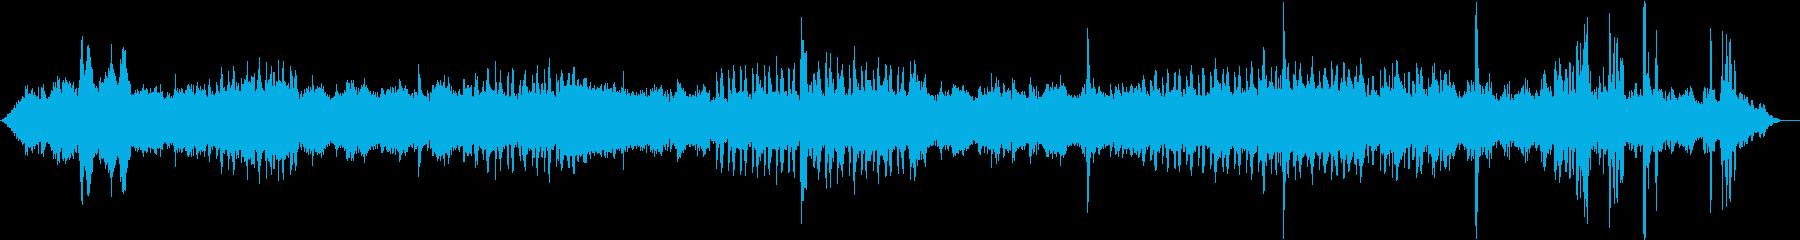 熱帯雨林の音/動物の鳴き声の再生済みの波形